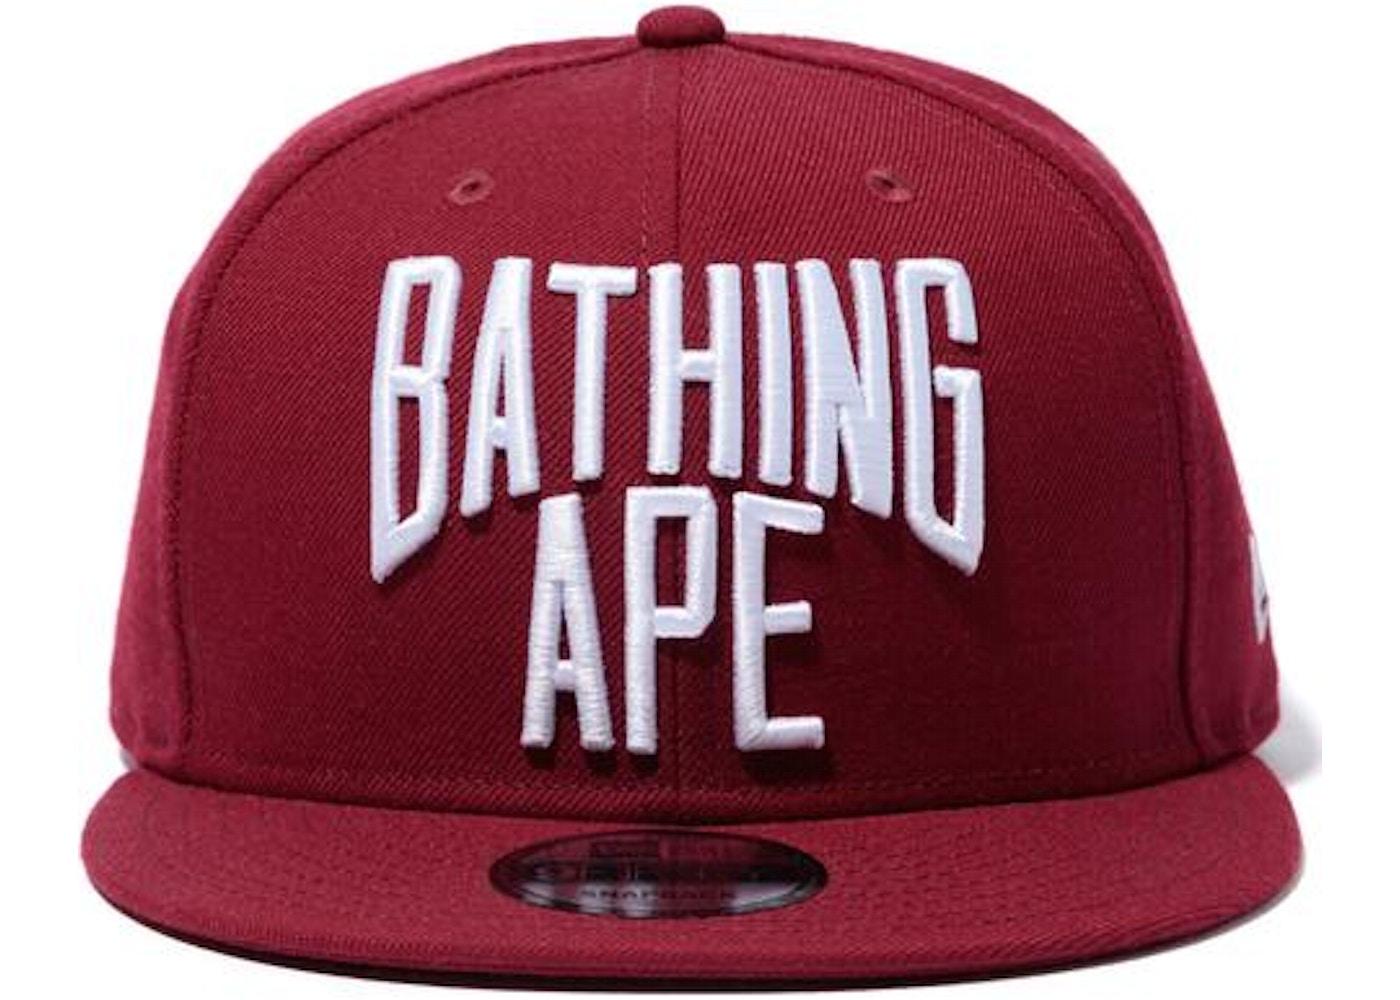 Streetwear - Bape Headwear - Highest Bid d00cf8ee65c3